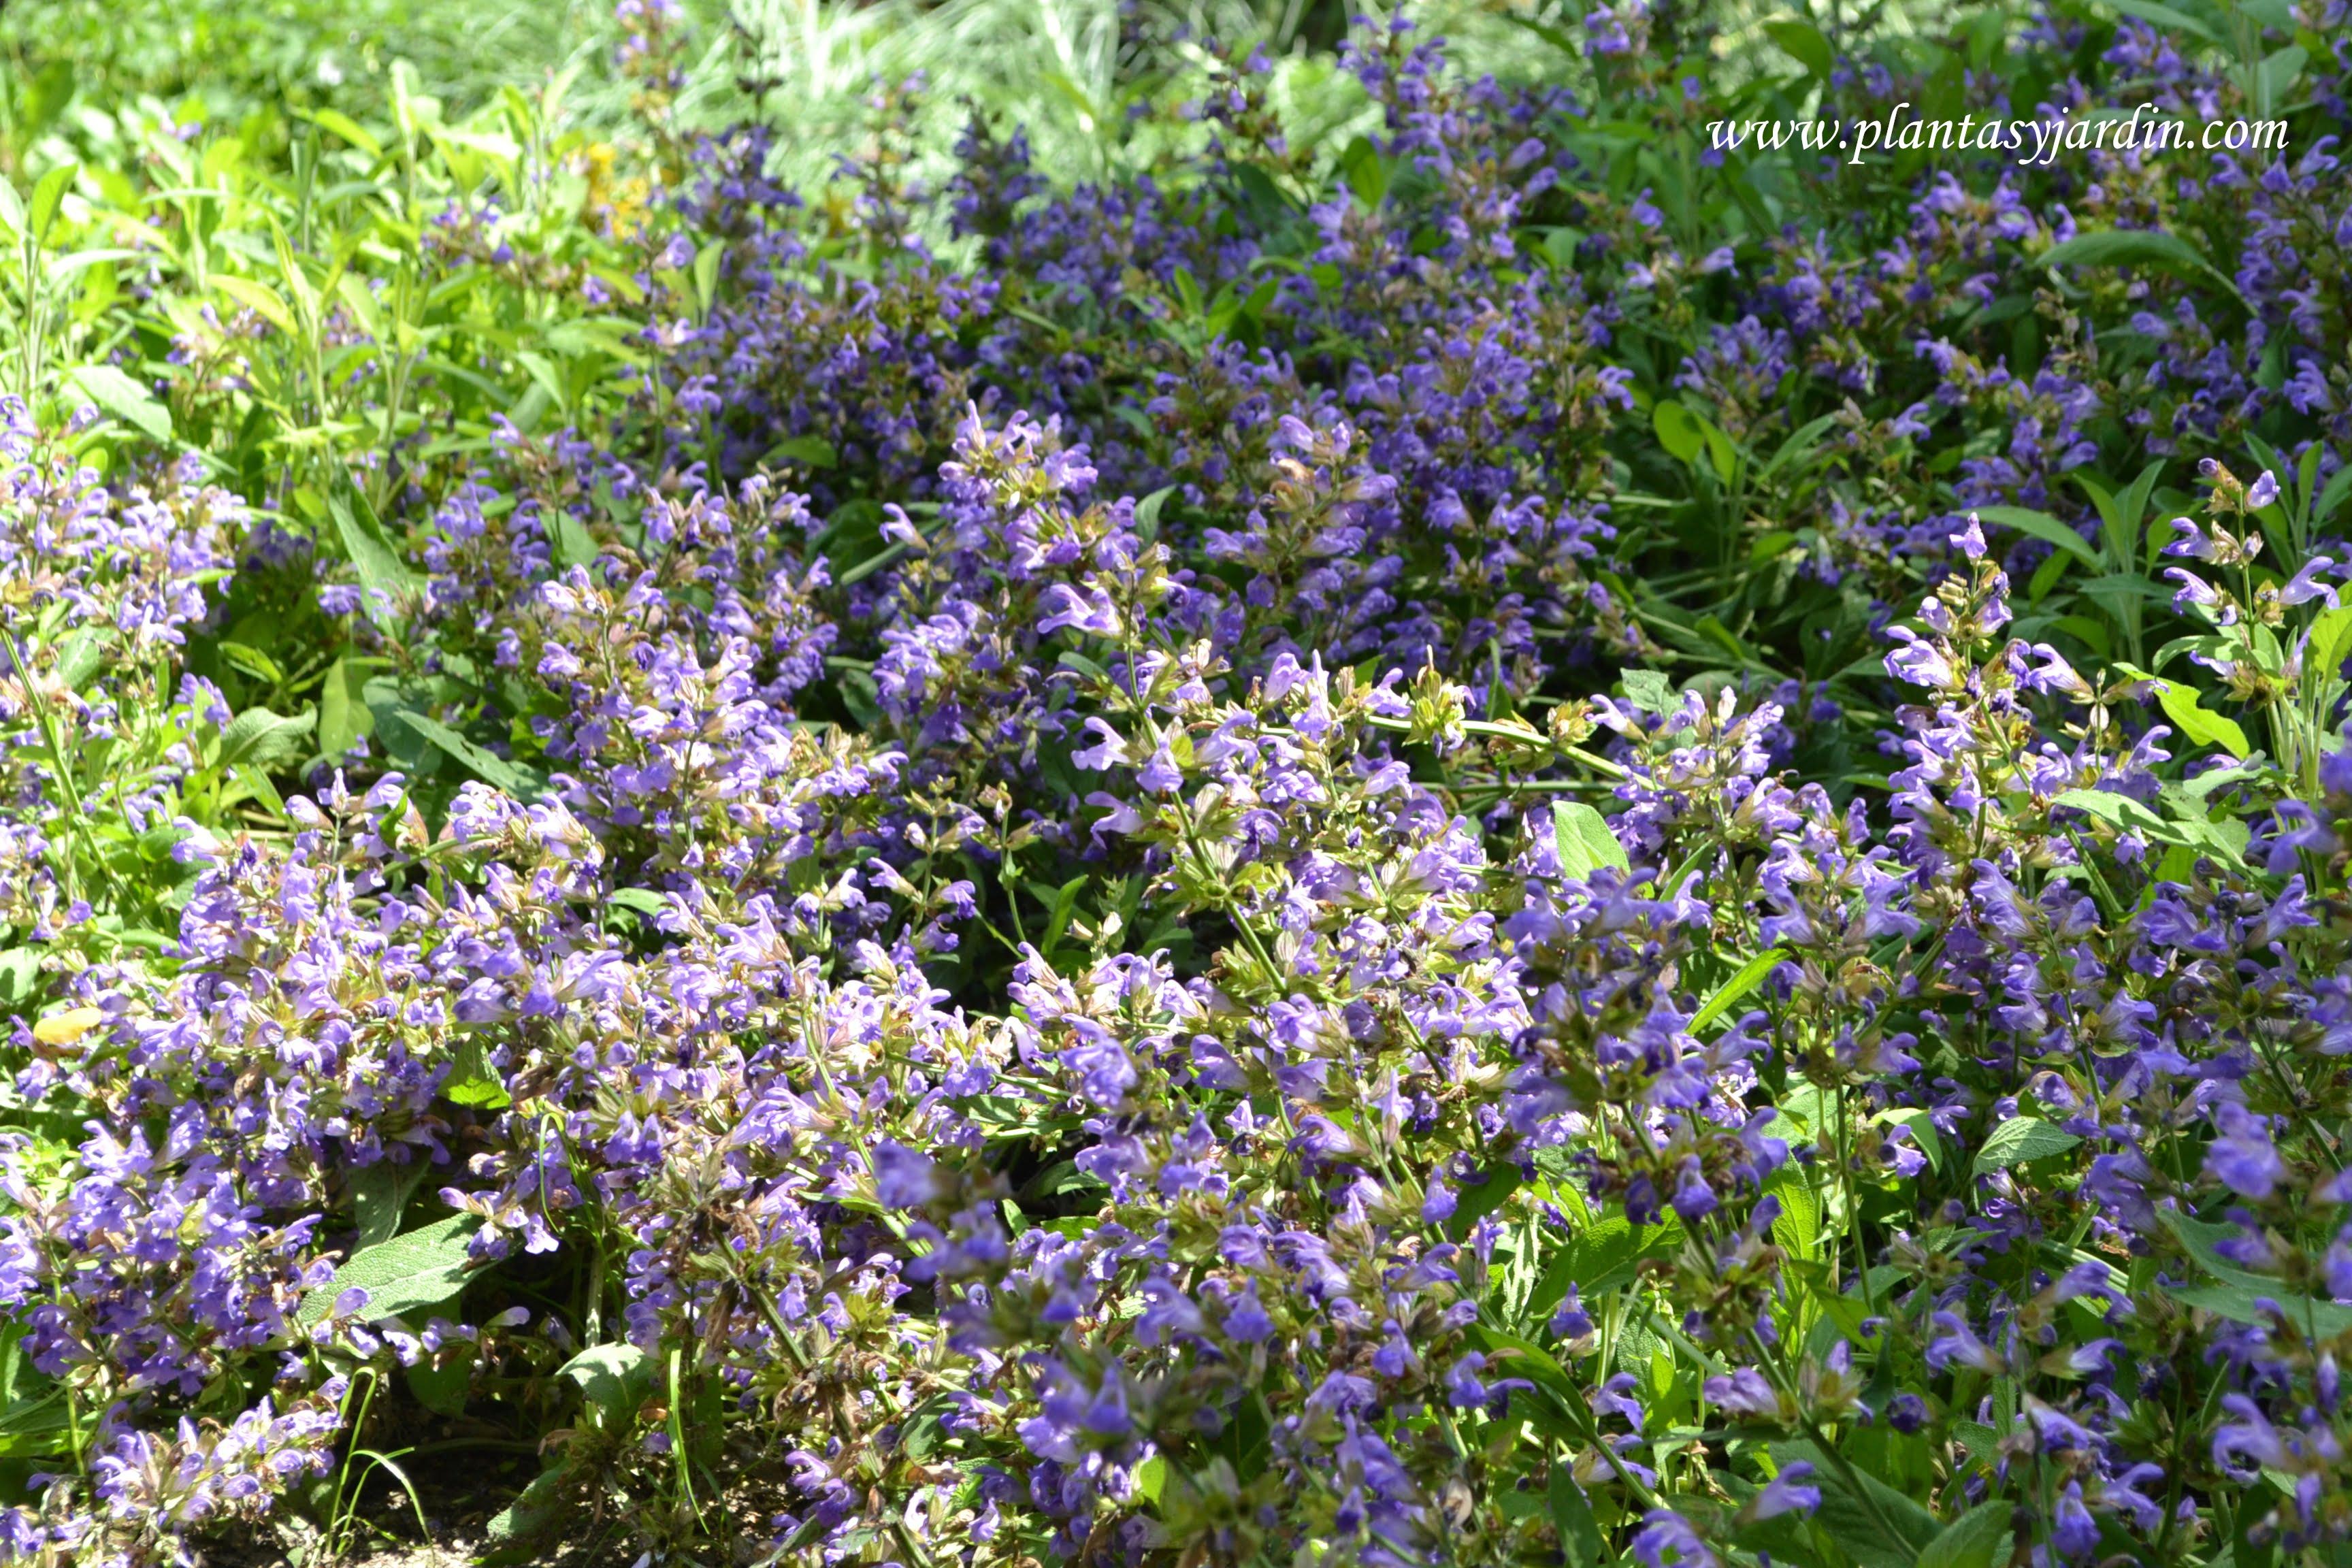 Arbustos perennes arom ticos plantas y jard n - Arbustos perennes con flor ...